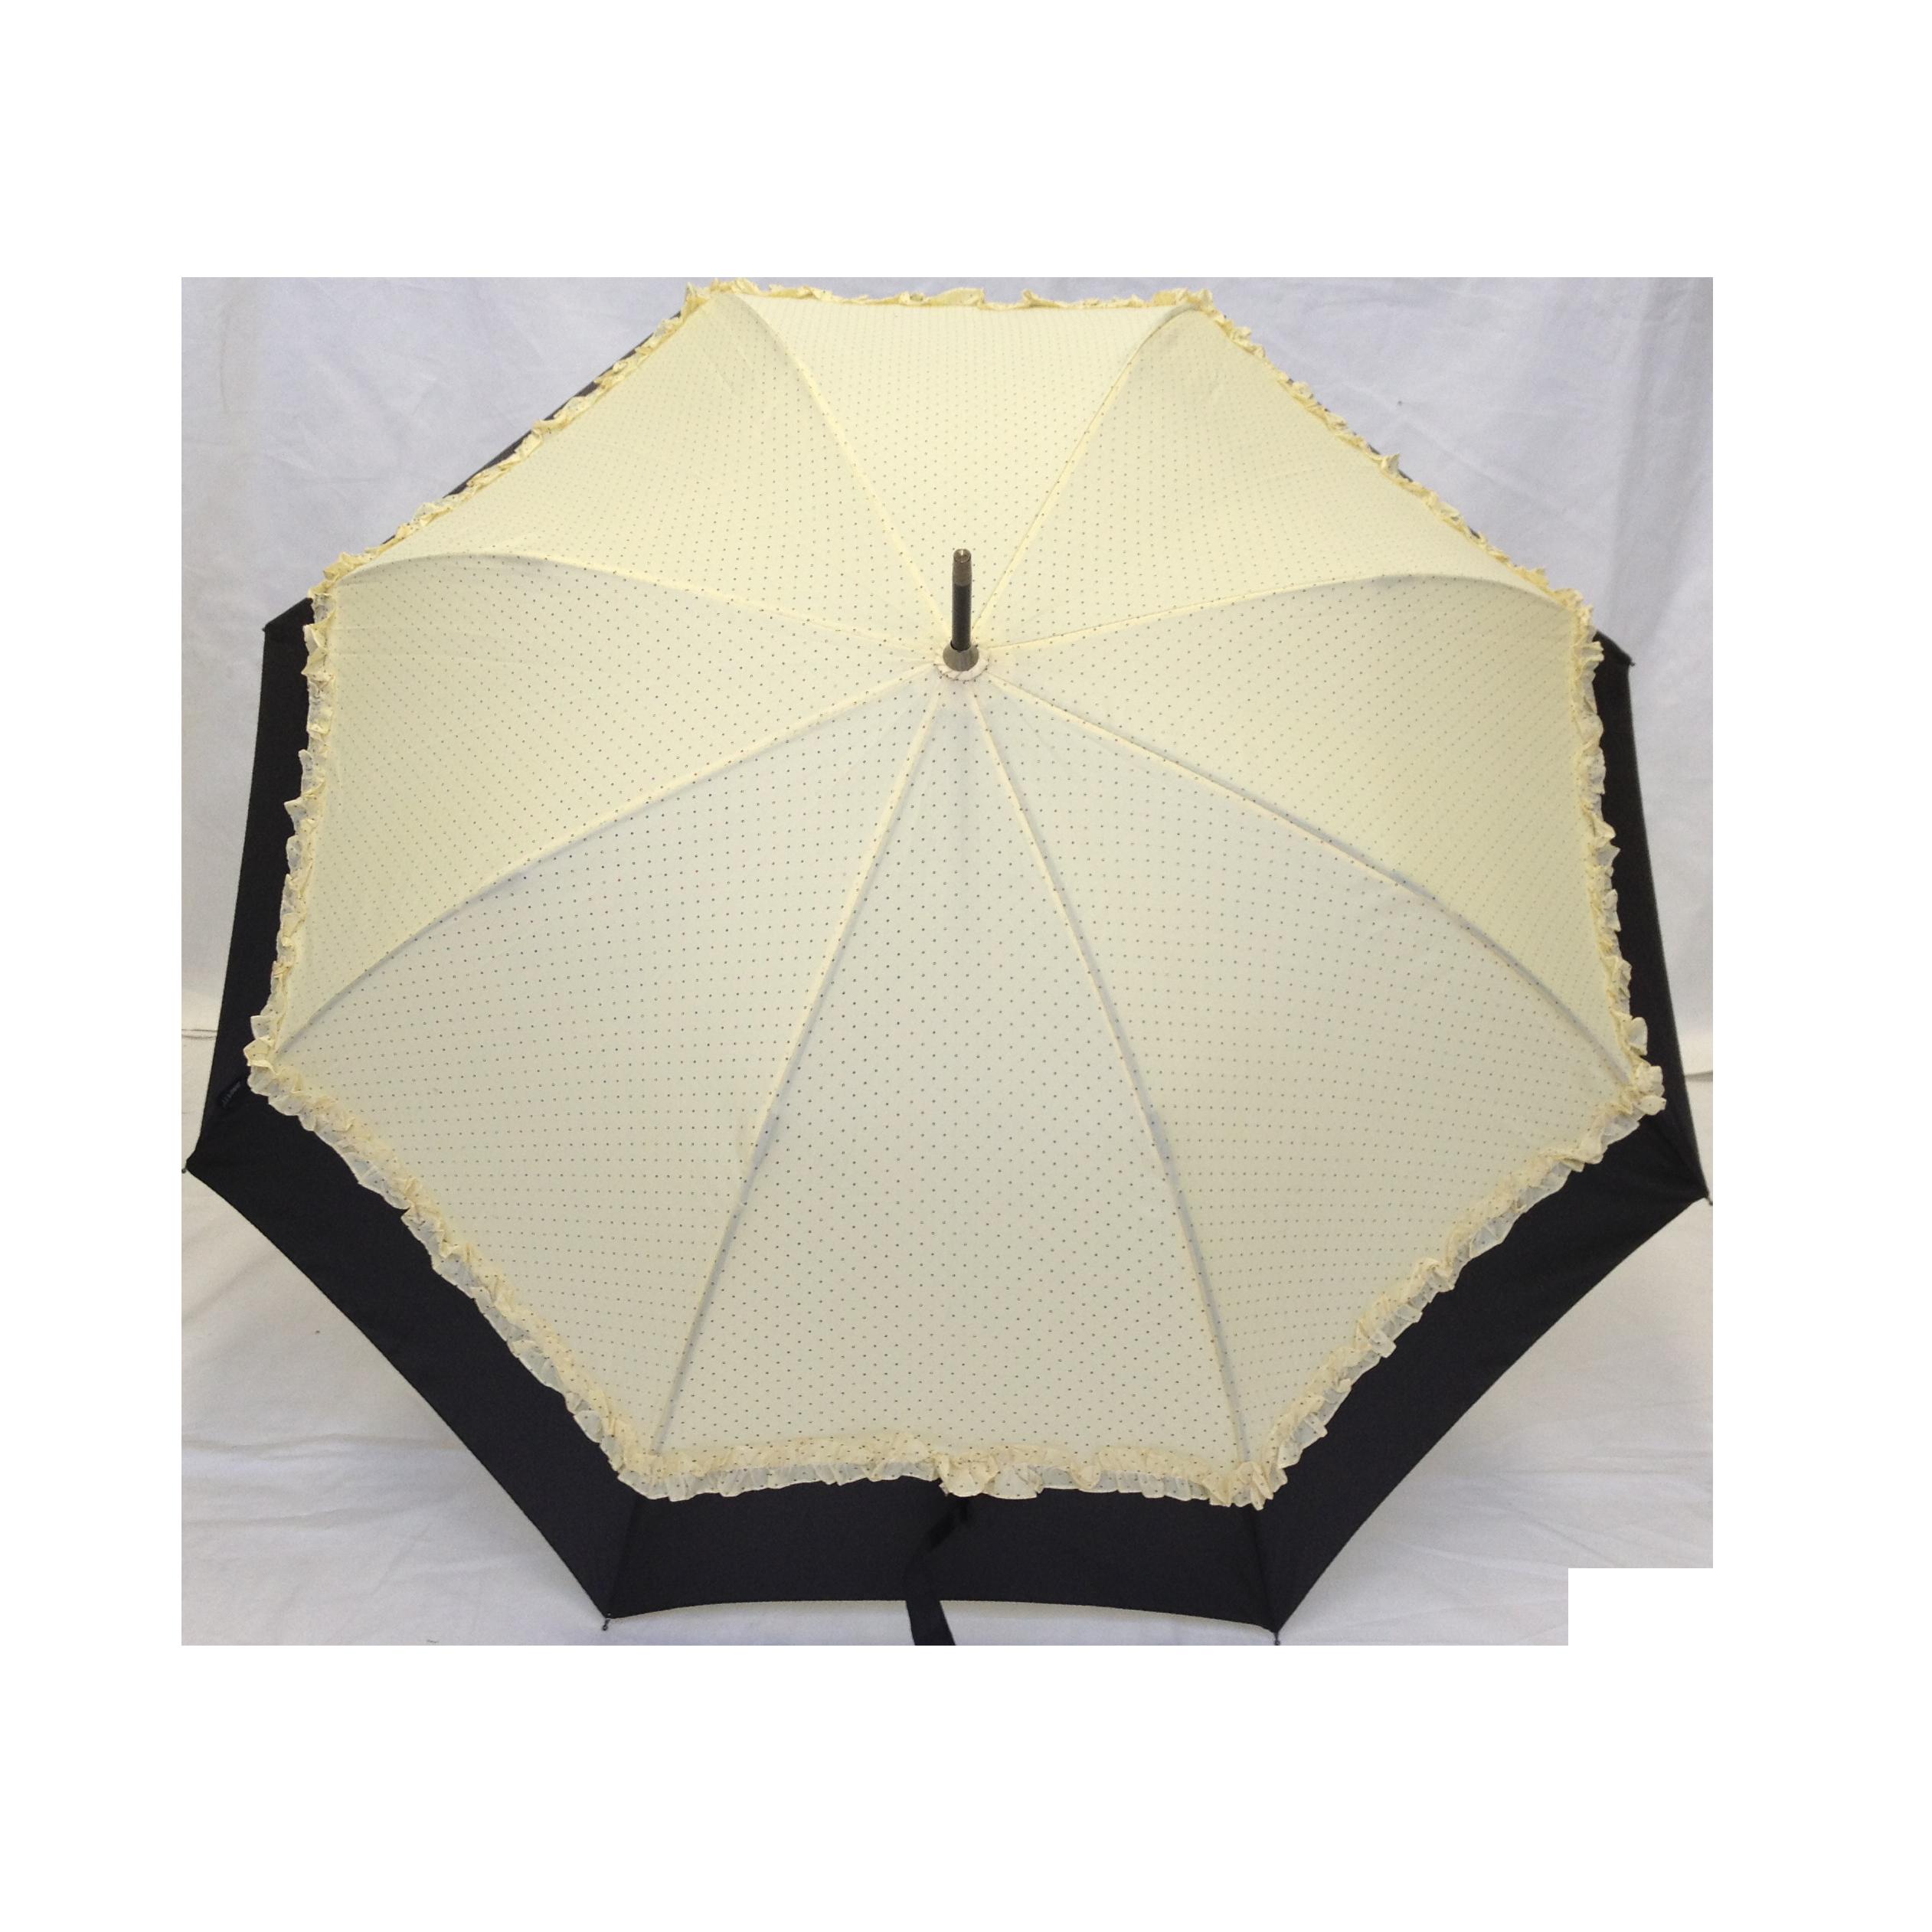 Parapluie droit femme automatique froufrou cru et noir - Parapluie cloche transparent isotoner ...